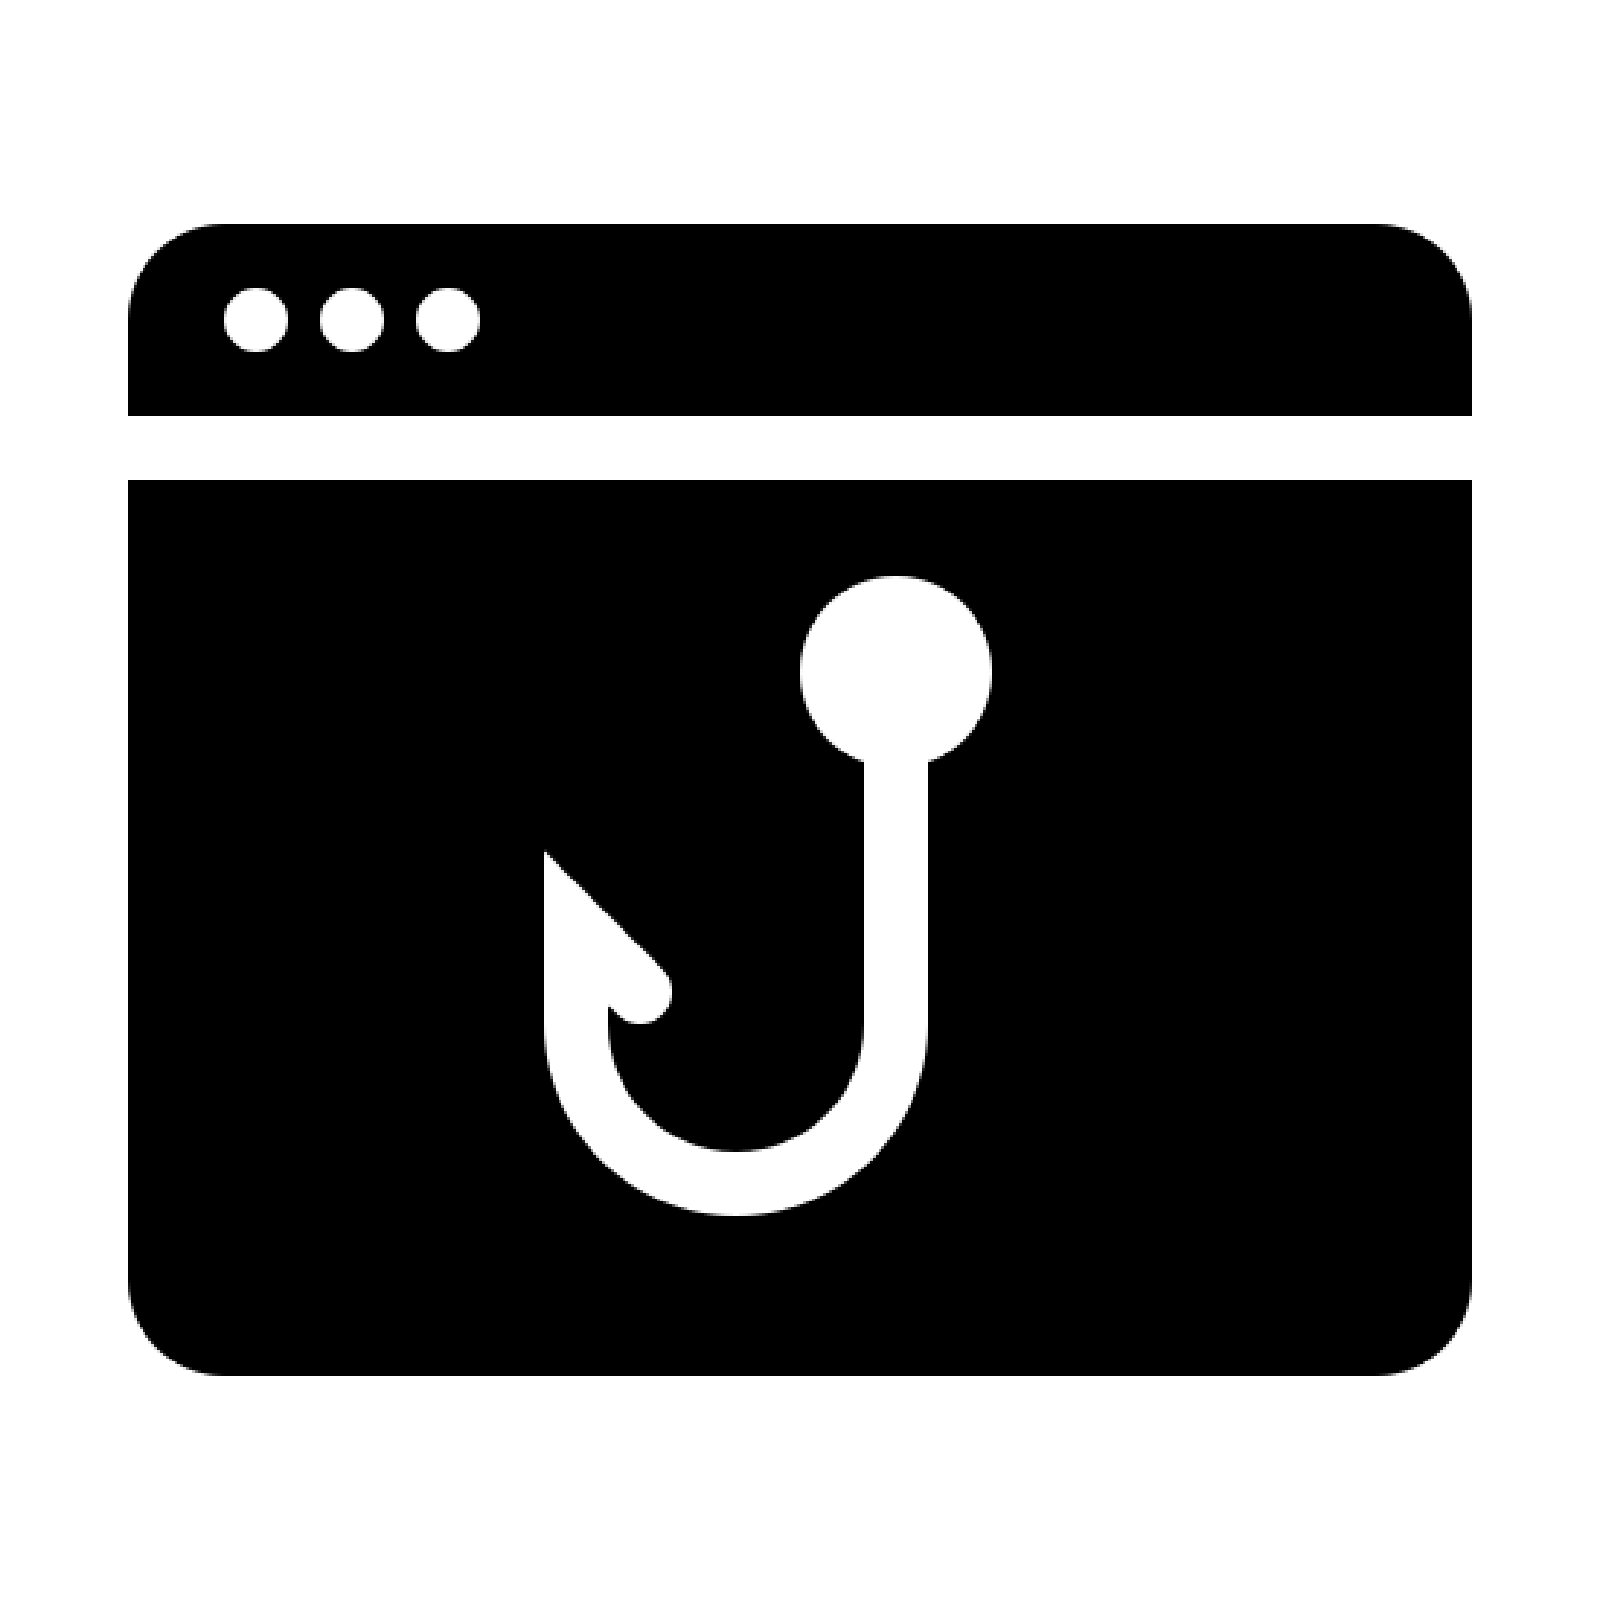 Phishing Filled icon